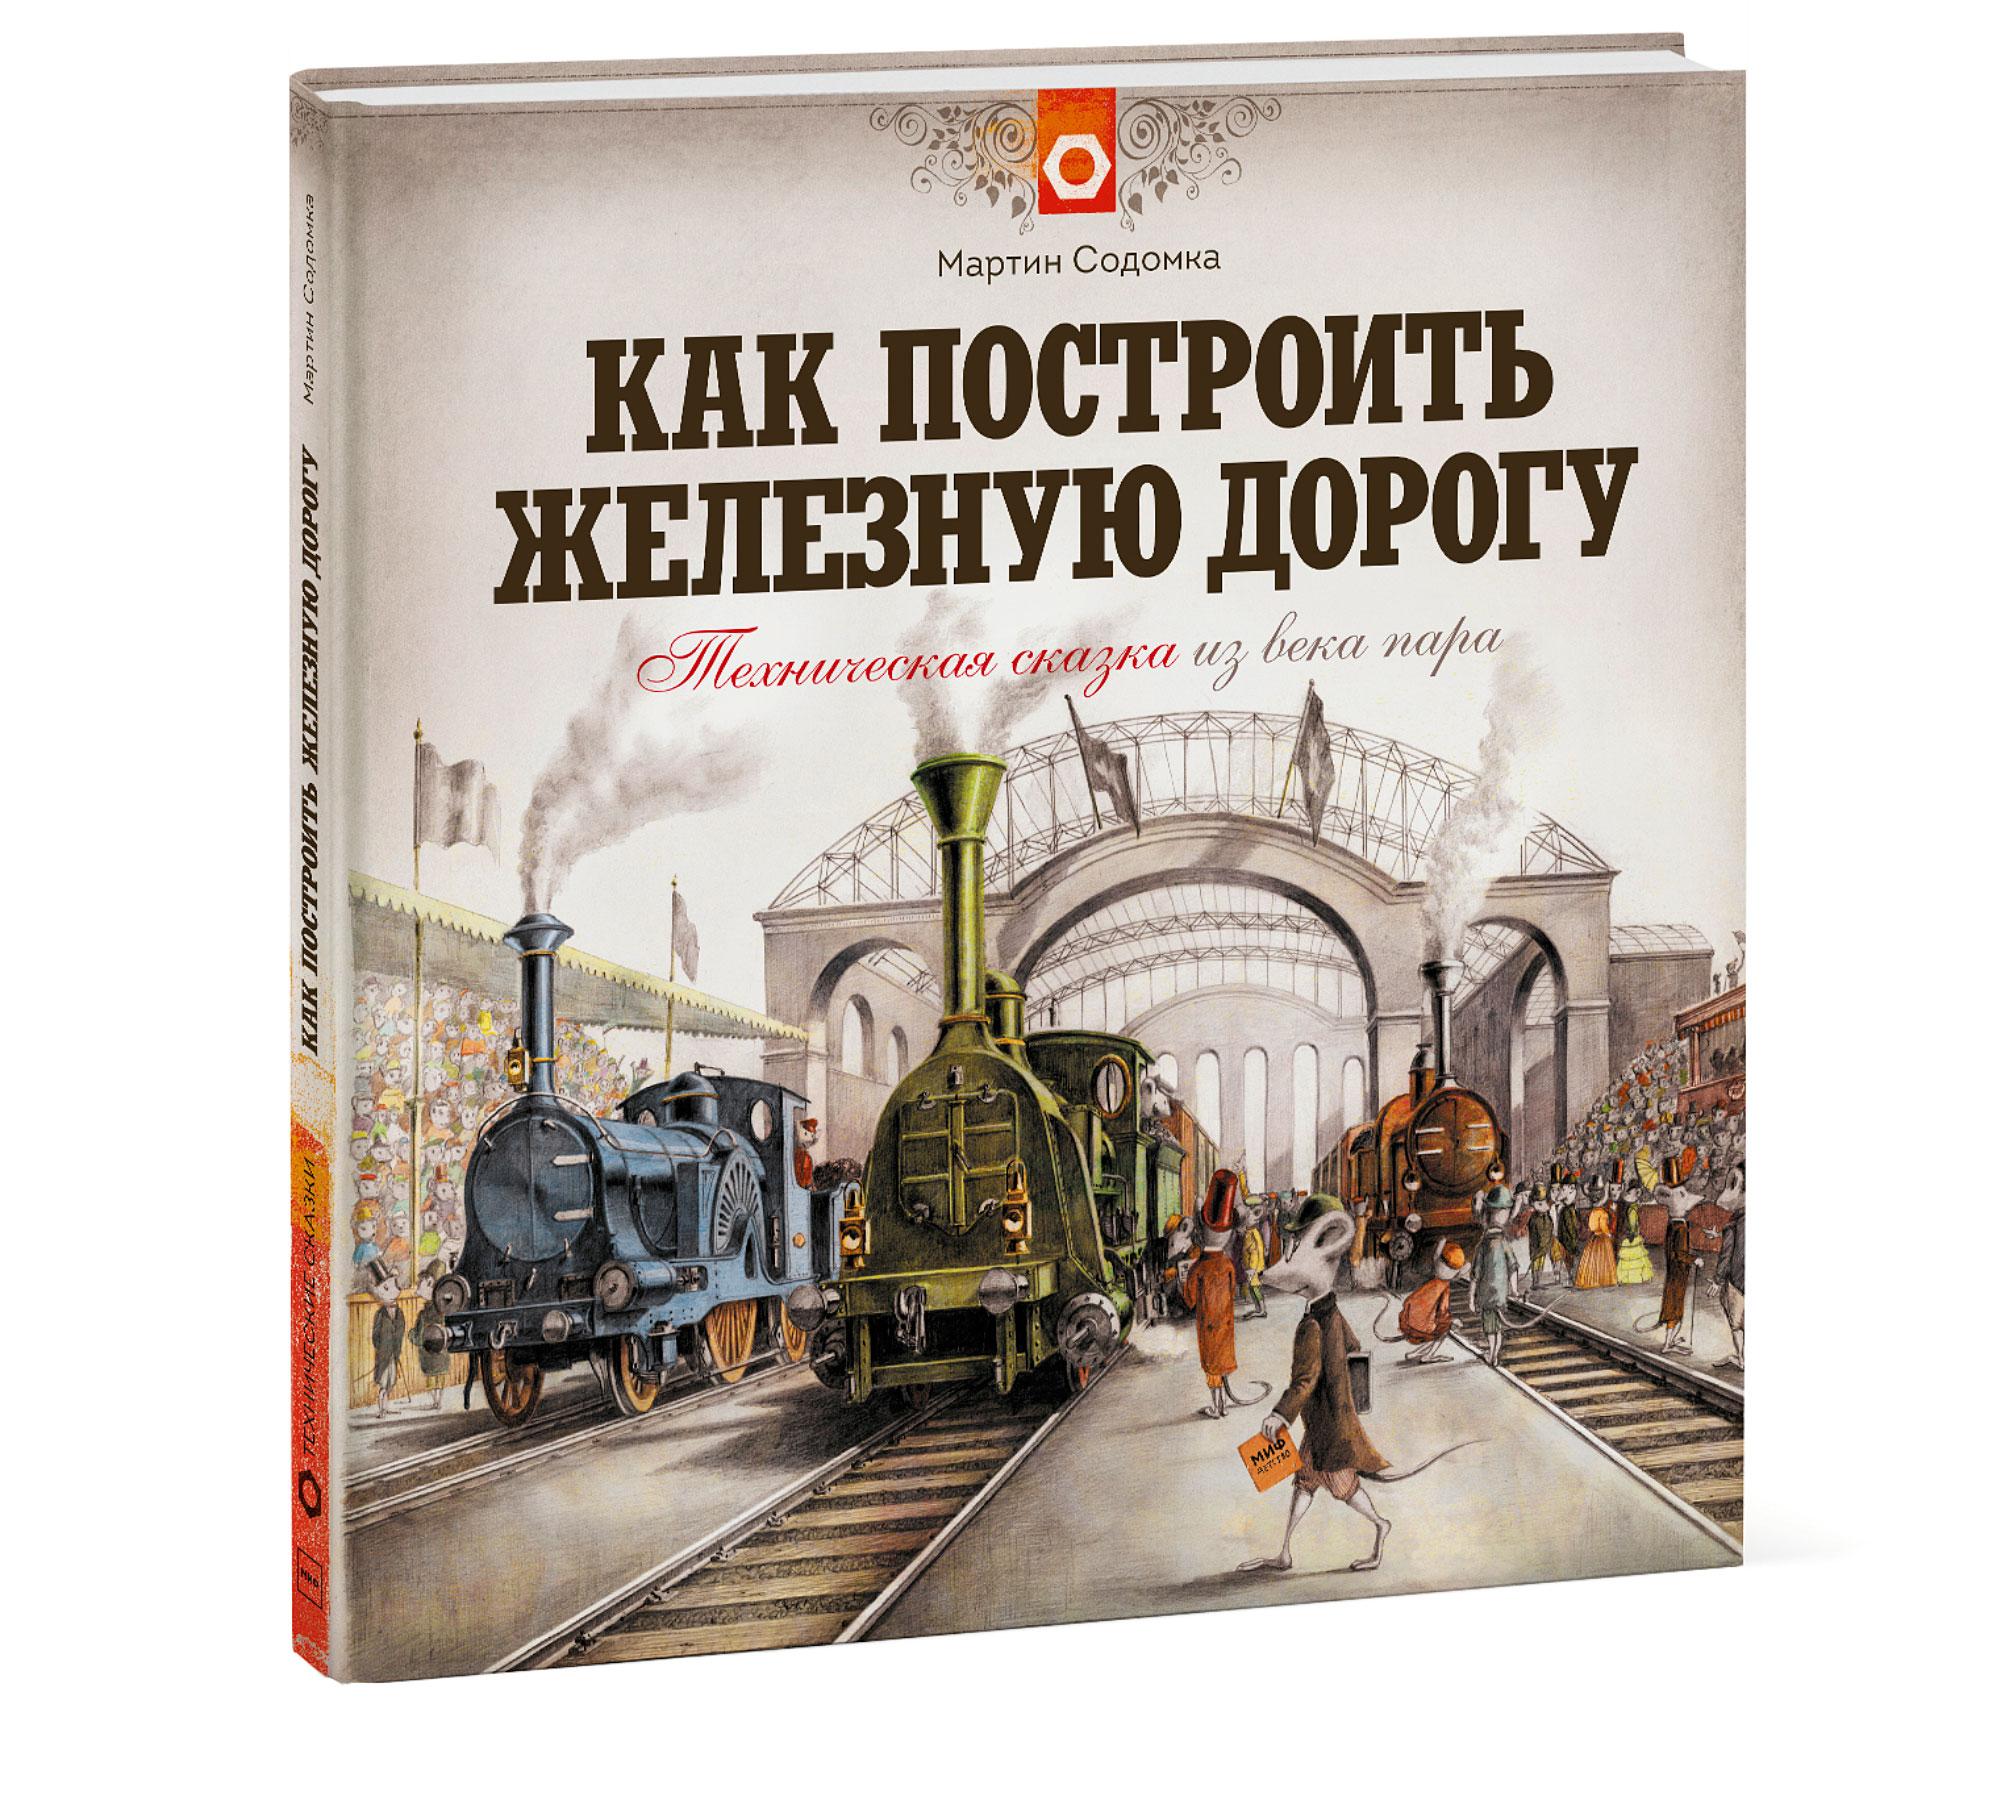 Мартин Содомка Как построить железную дорогу. Техническая сказка из века пара